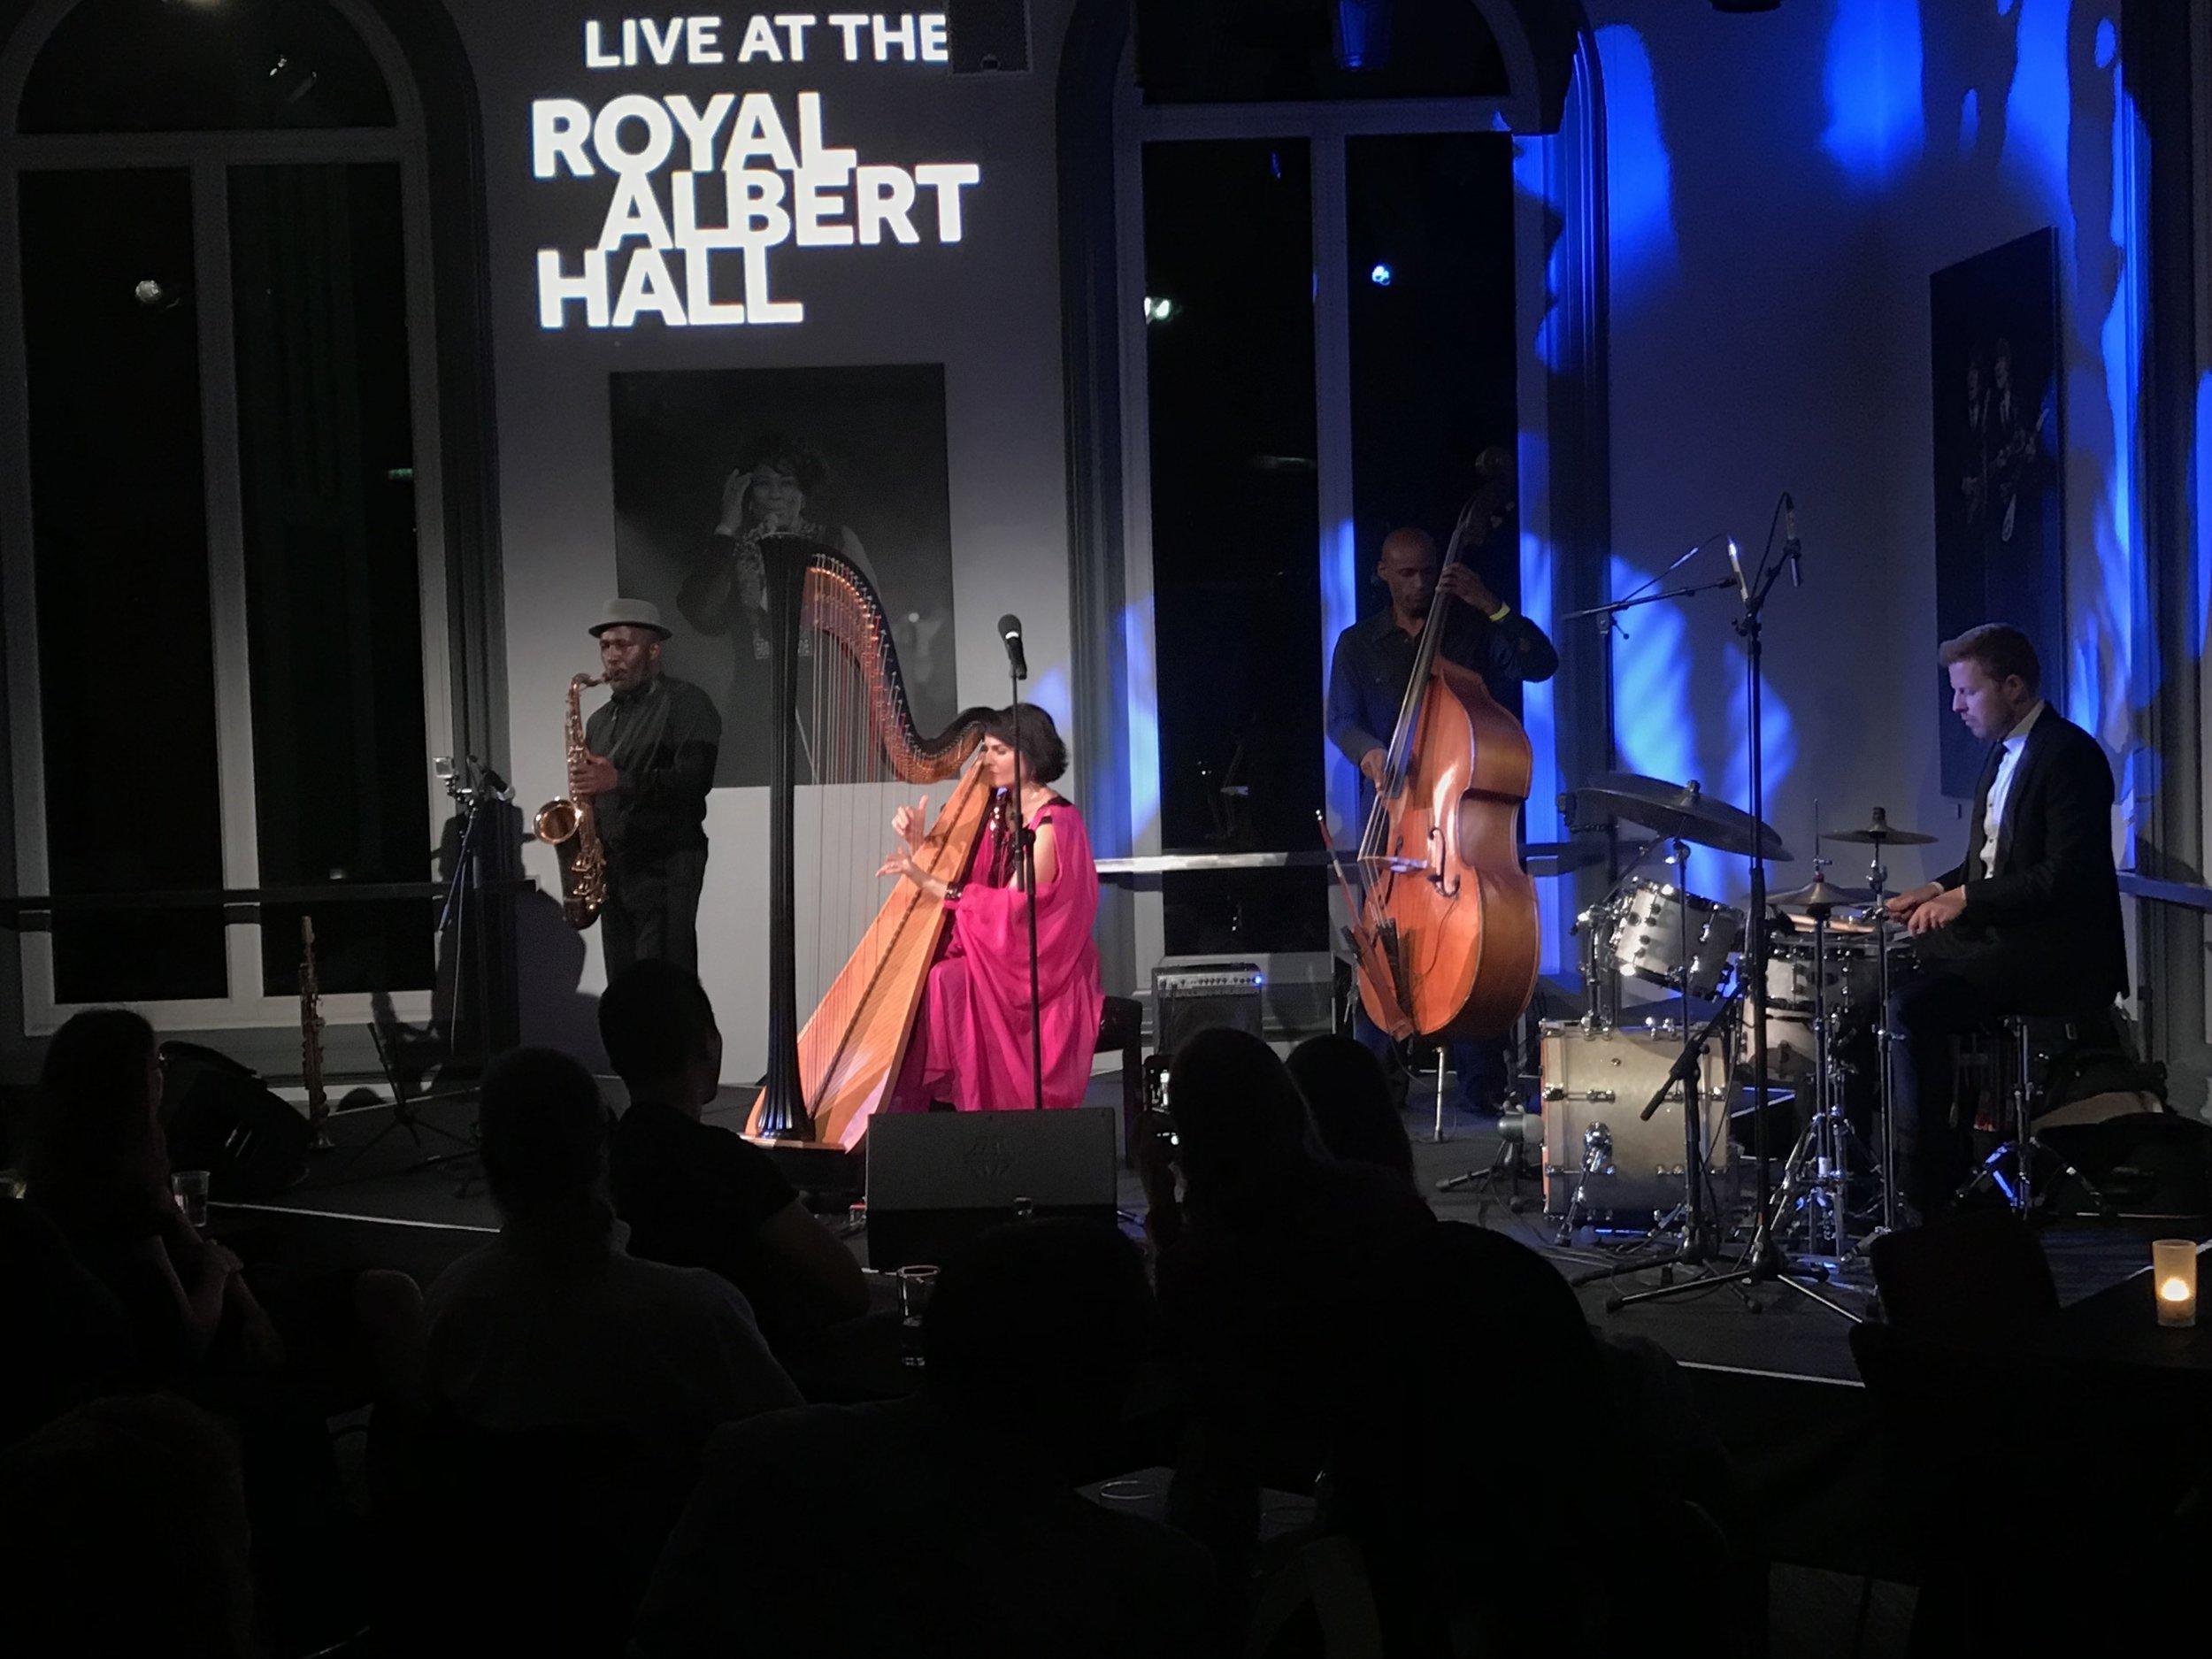 Alina Bzhezhinska plays at The Elgar Room, Royal Albert Hall, with Tony Kofi.